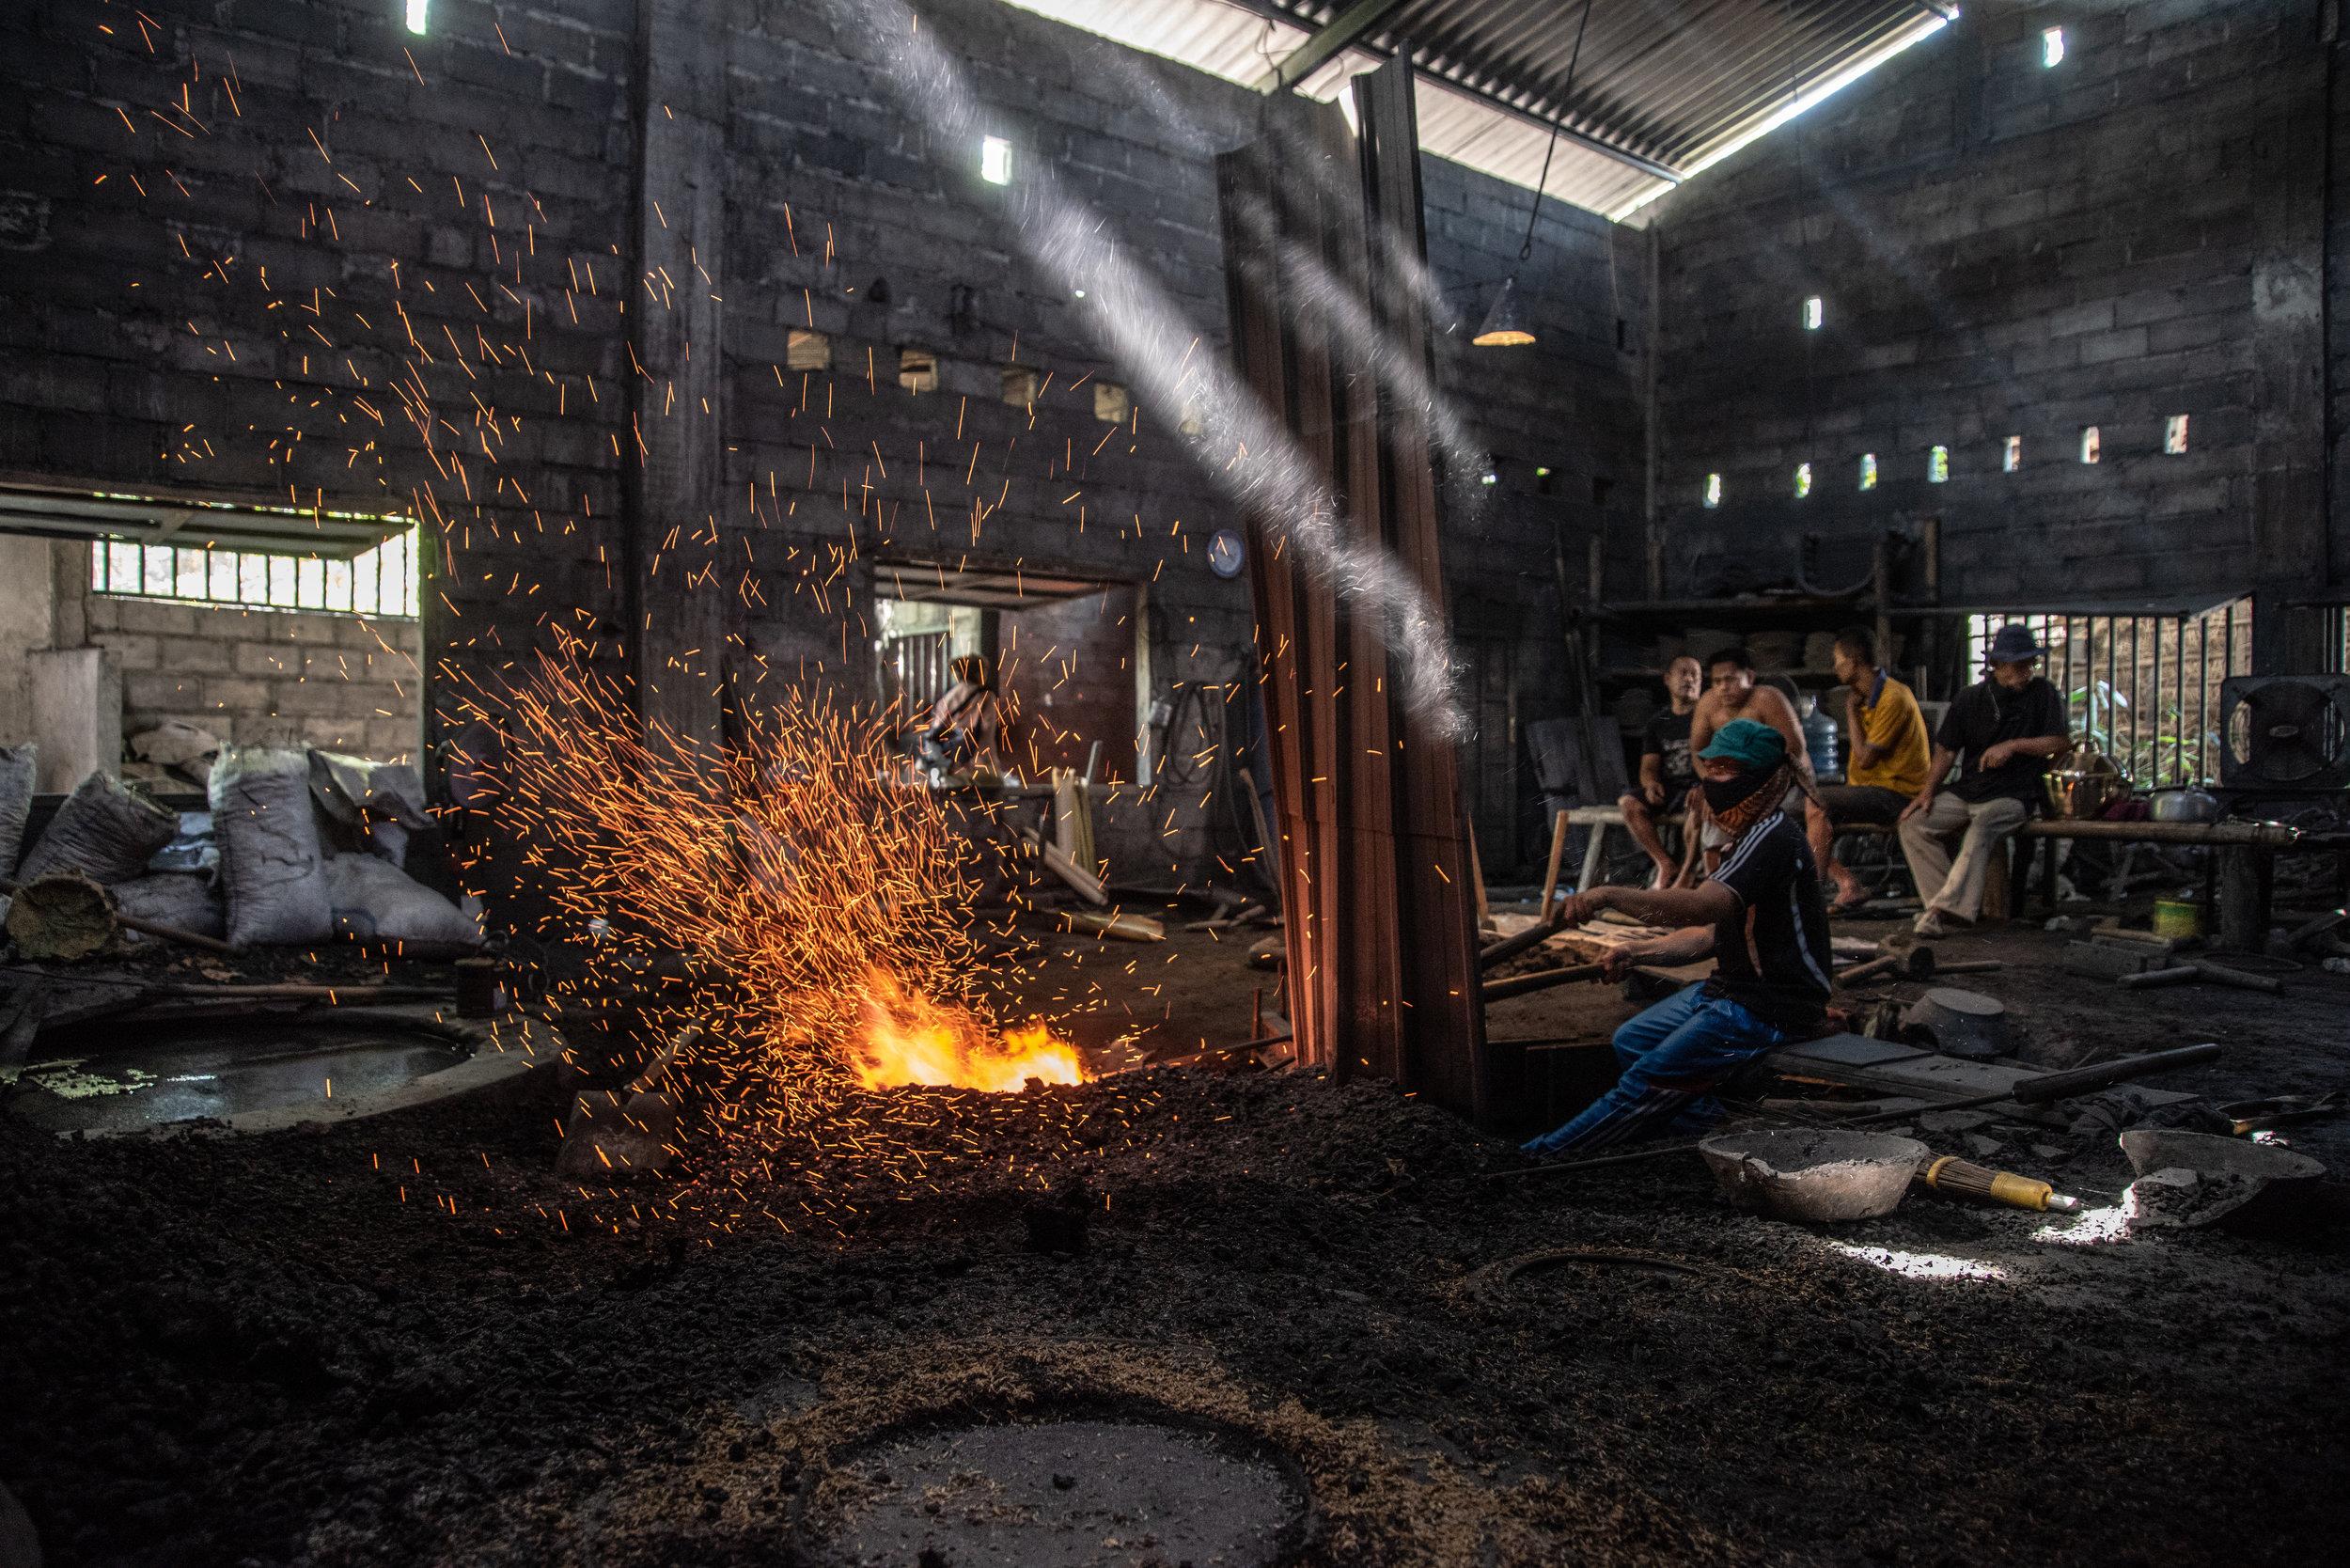 Gamelan makers in Yogyakarta